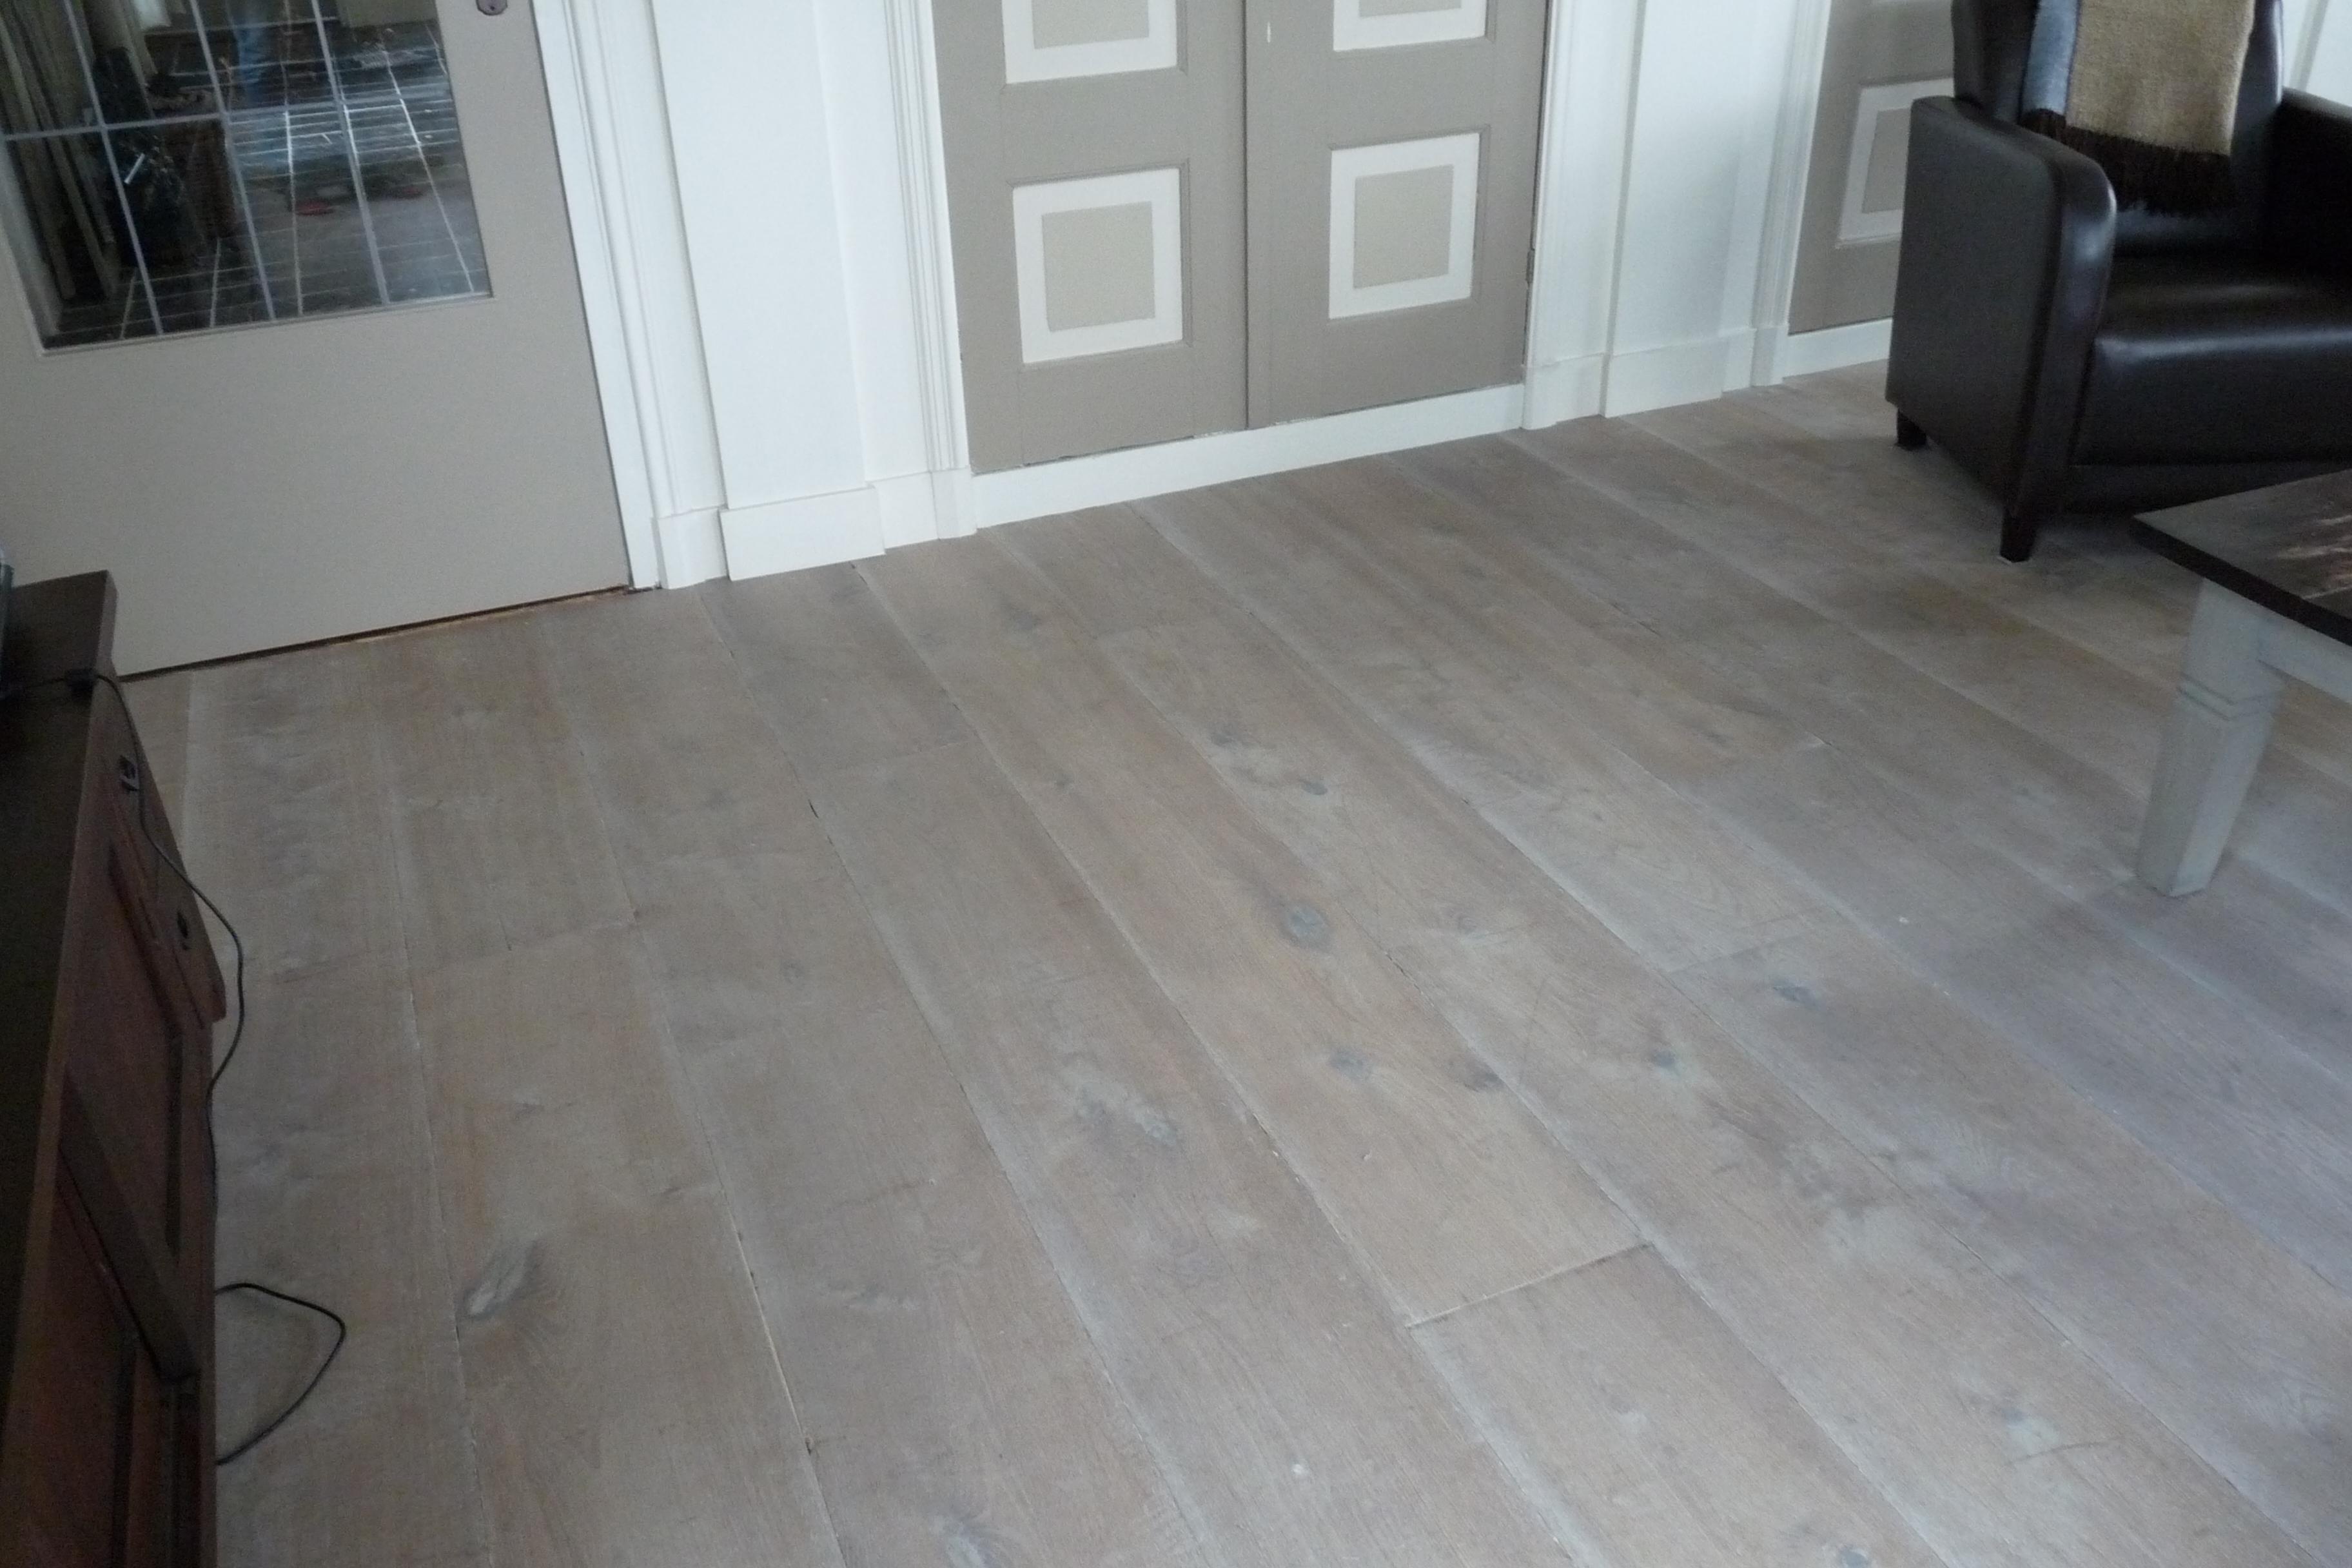 Houten Vloeren Leggen : Houten vloeren drachten kwalitatieve houten vloeren